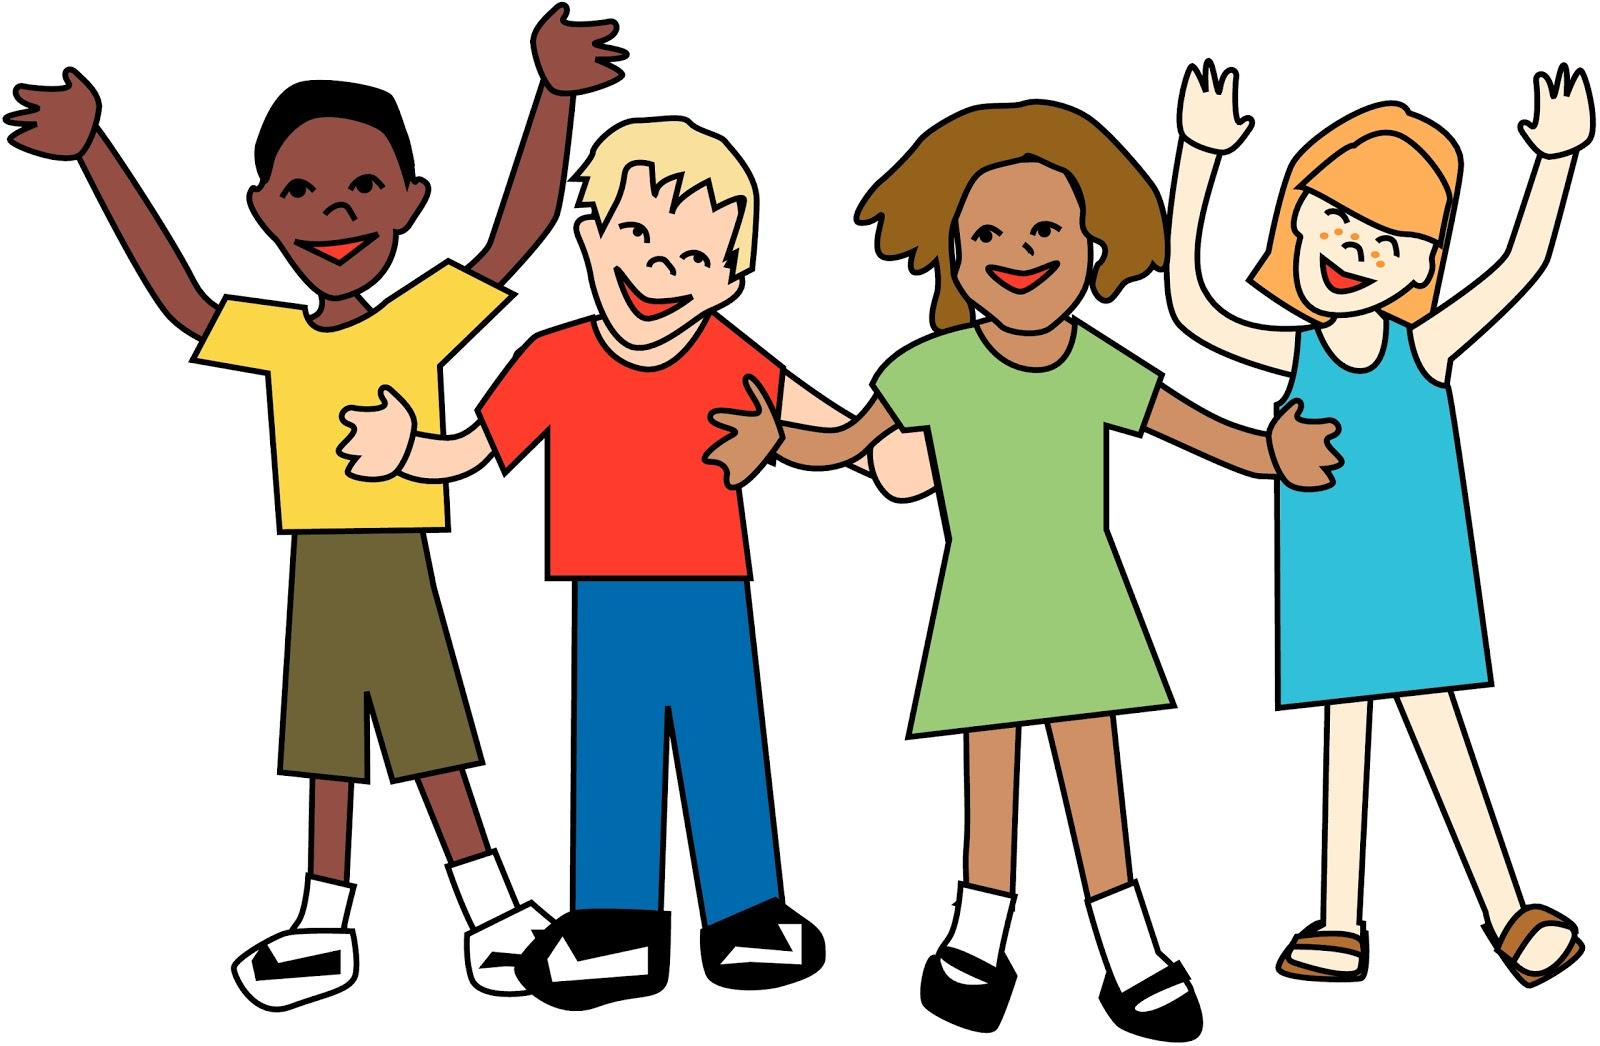 Friends images clip art